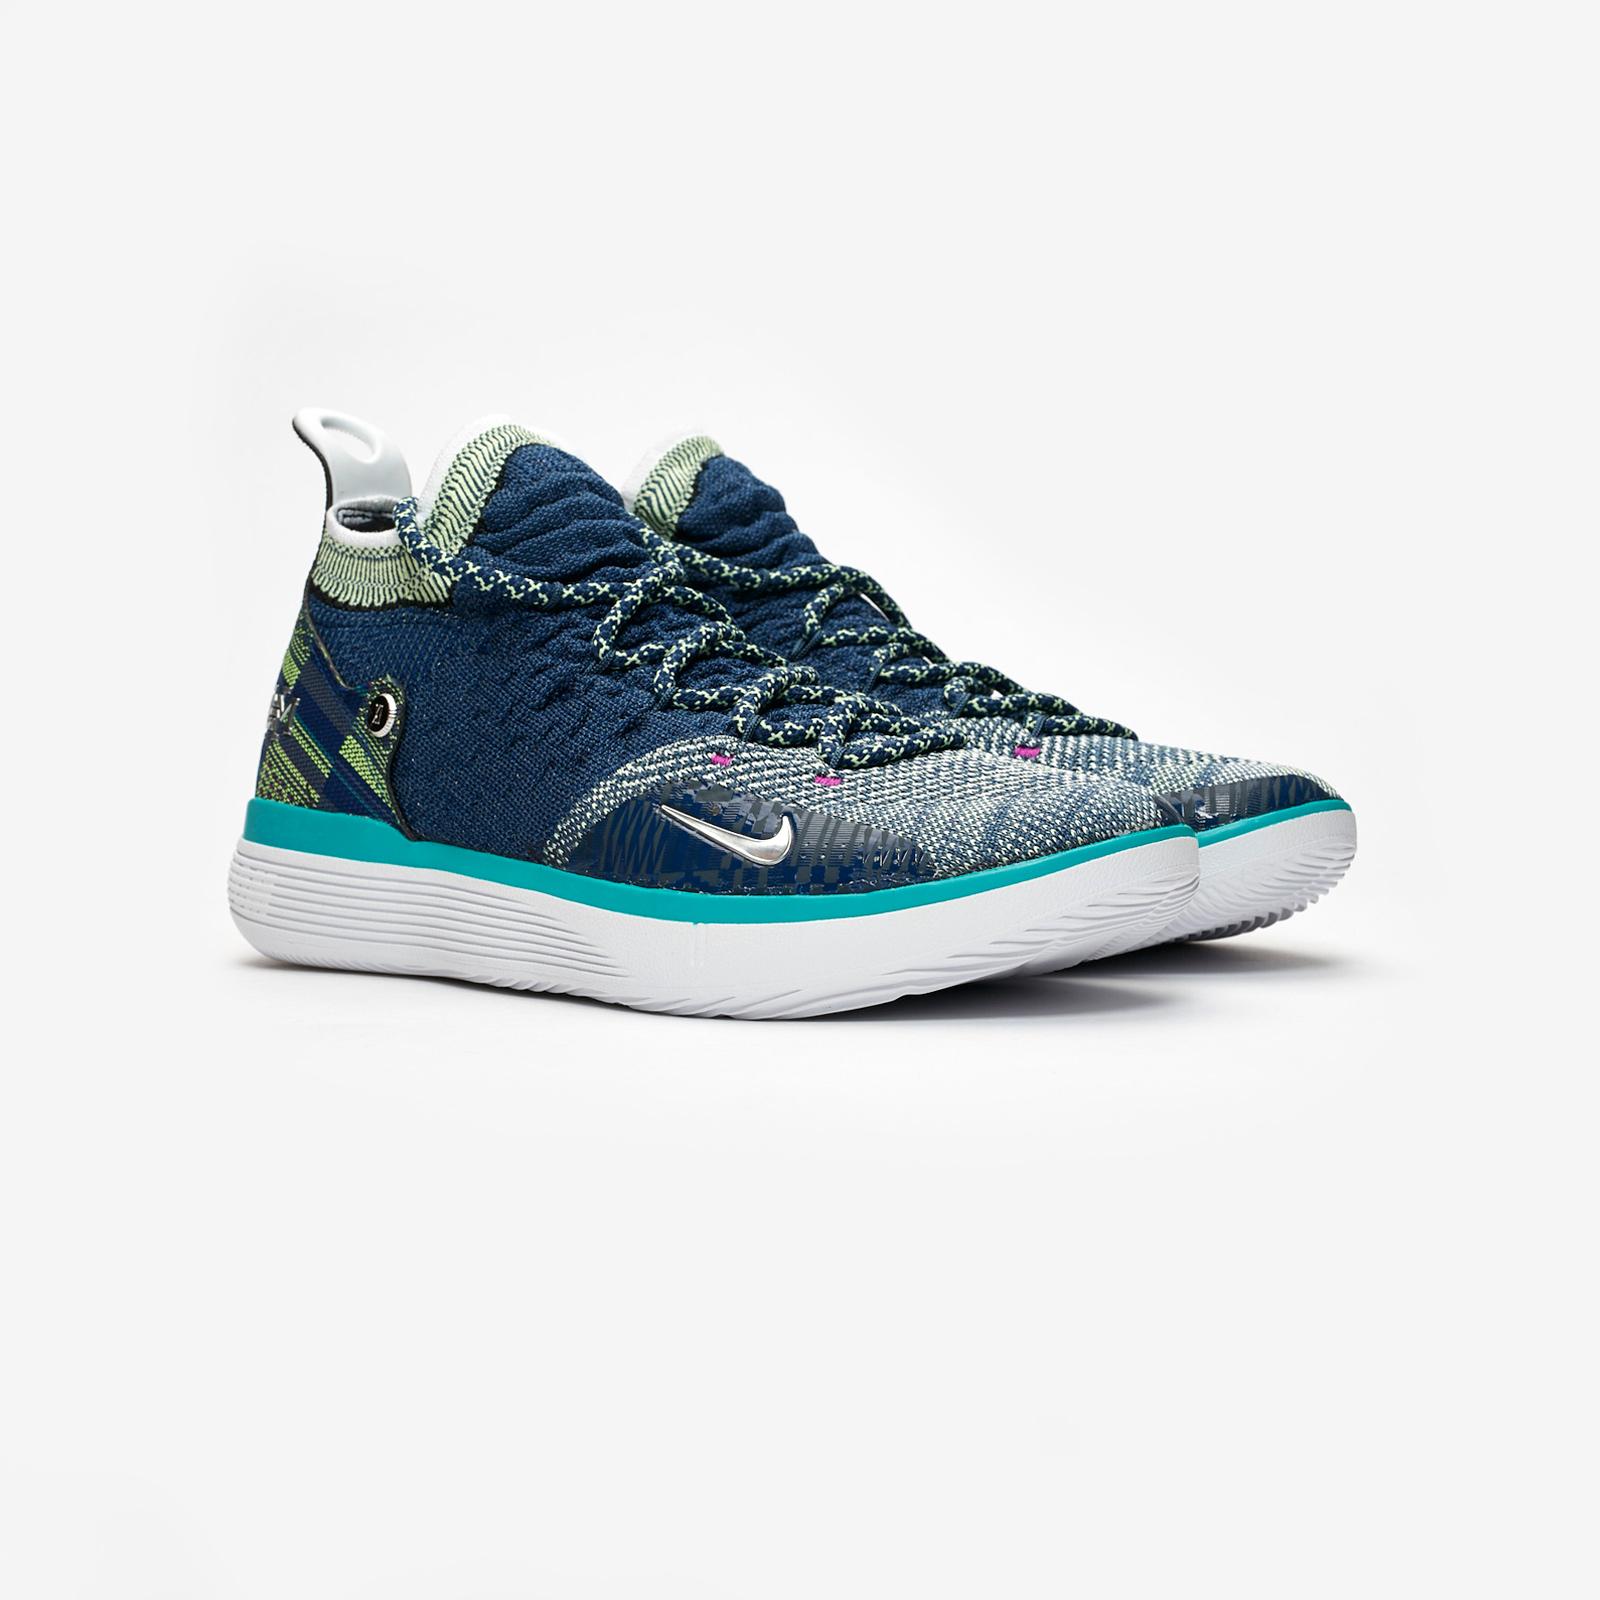 pedir disculpas Parlamento agencia  Nike Zoom KD11 BHM - Bq6245-400 - Sneakersnstuff | sneakers & streetwear  online since 1999